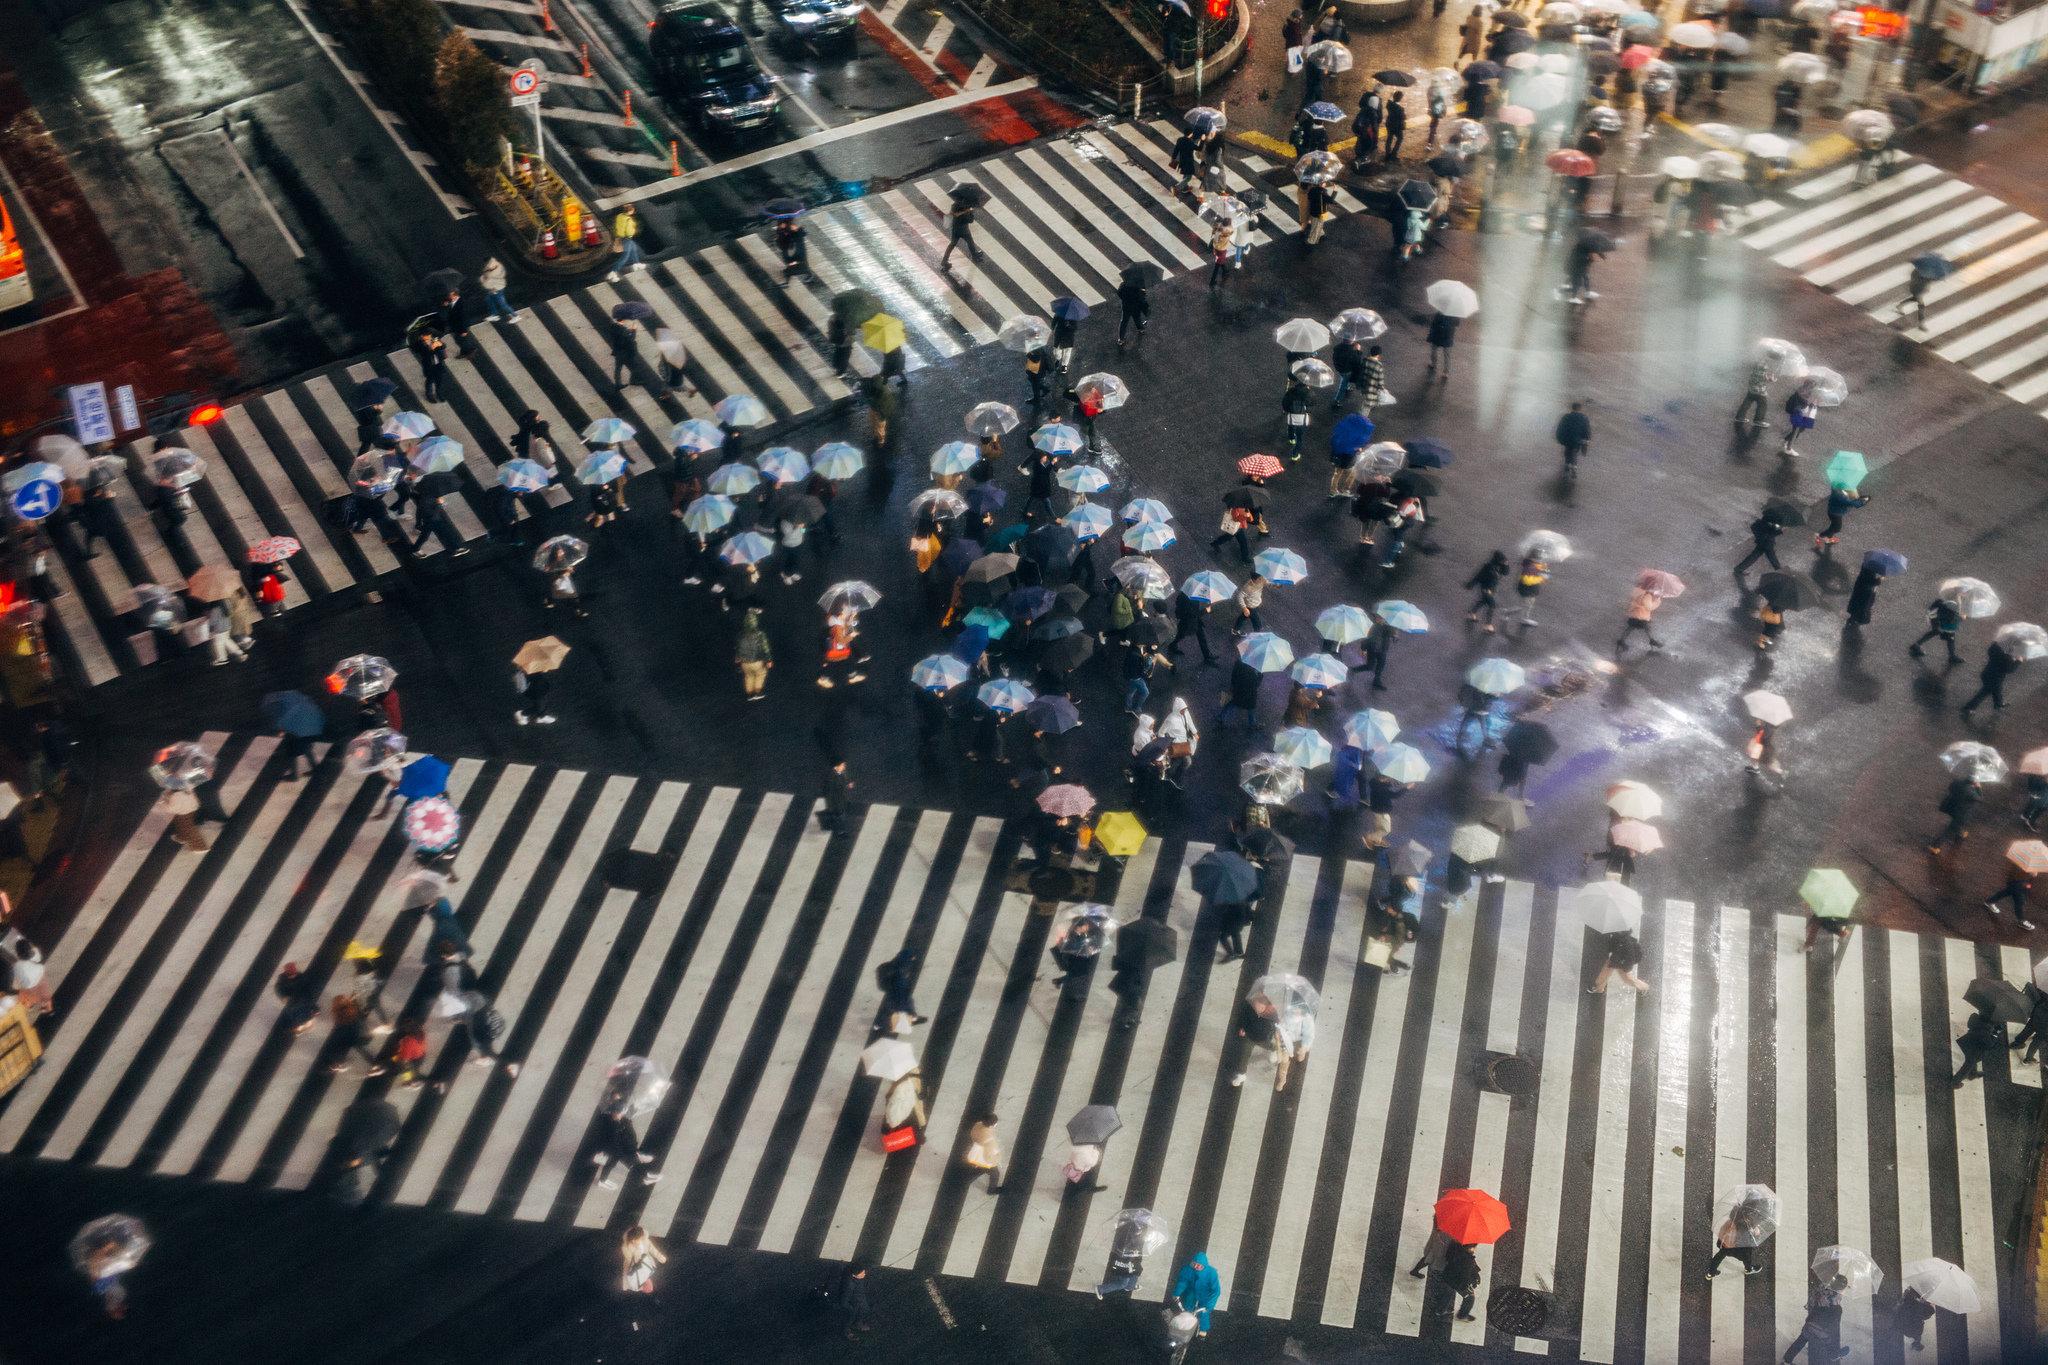 傘を持ち歩く時代はもう終わり? 渋谷で傘のシェアリングサービスが拡大中